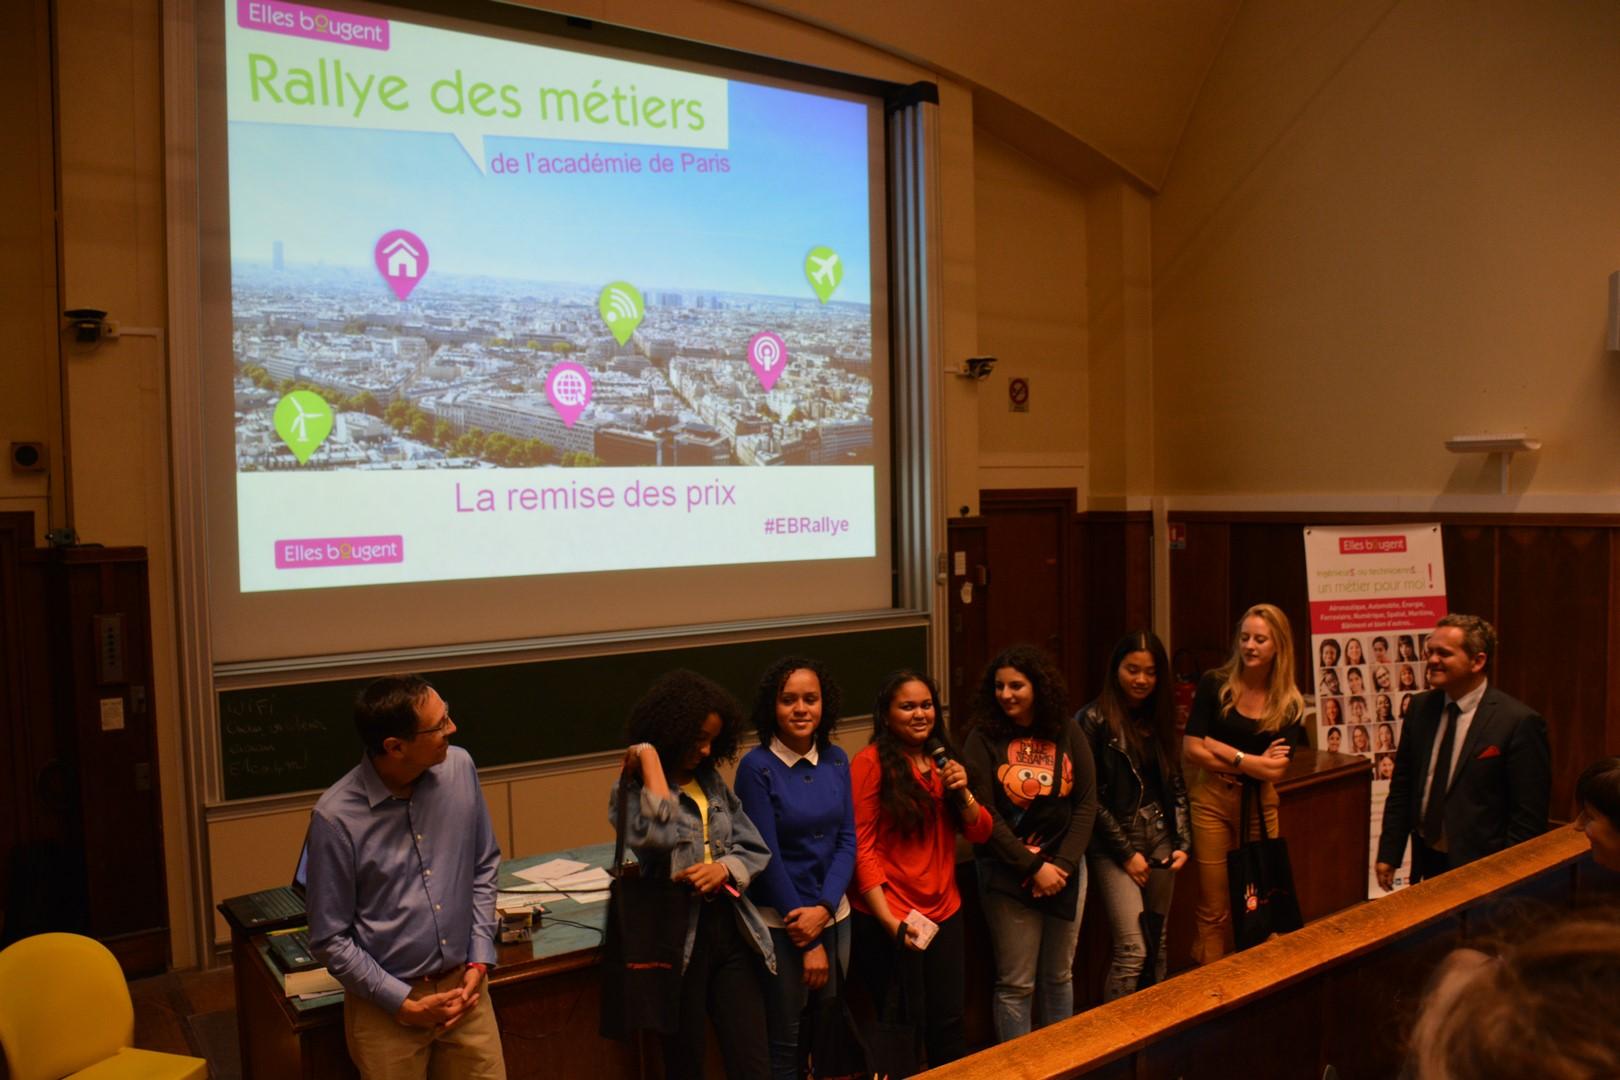 Rallye des métiers 2018 de l'Académie de Paris: Témoignage d'une lycéenne Elles Bougent